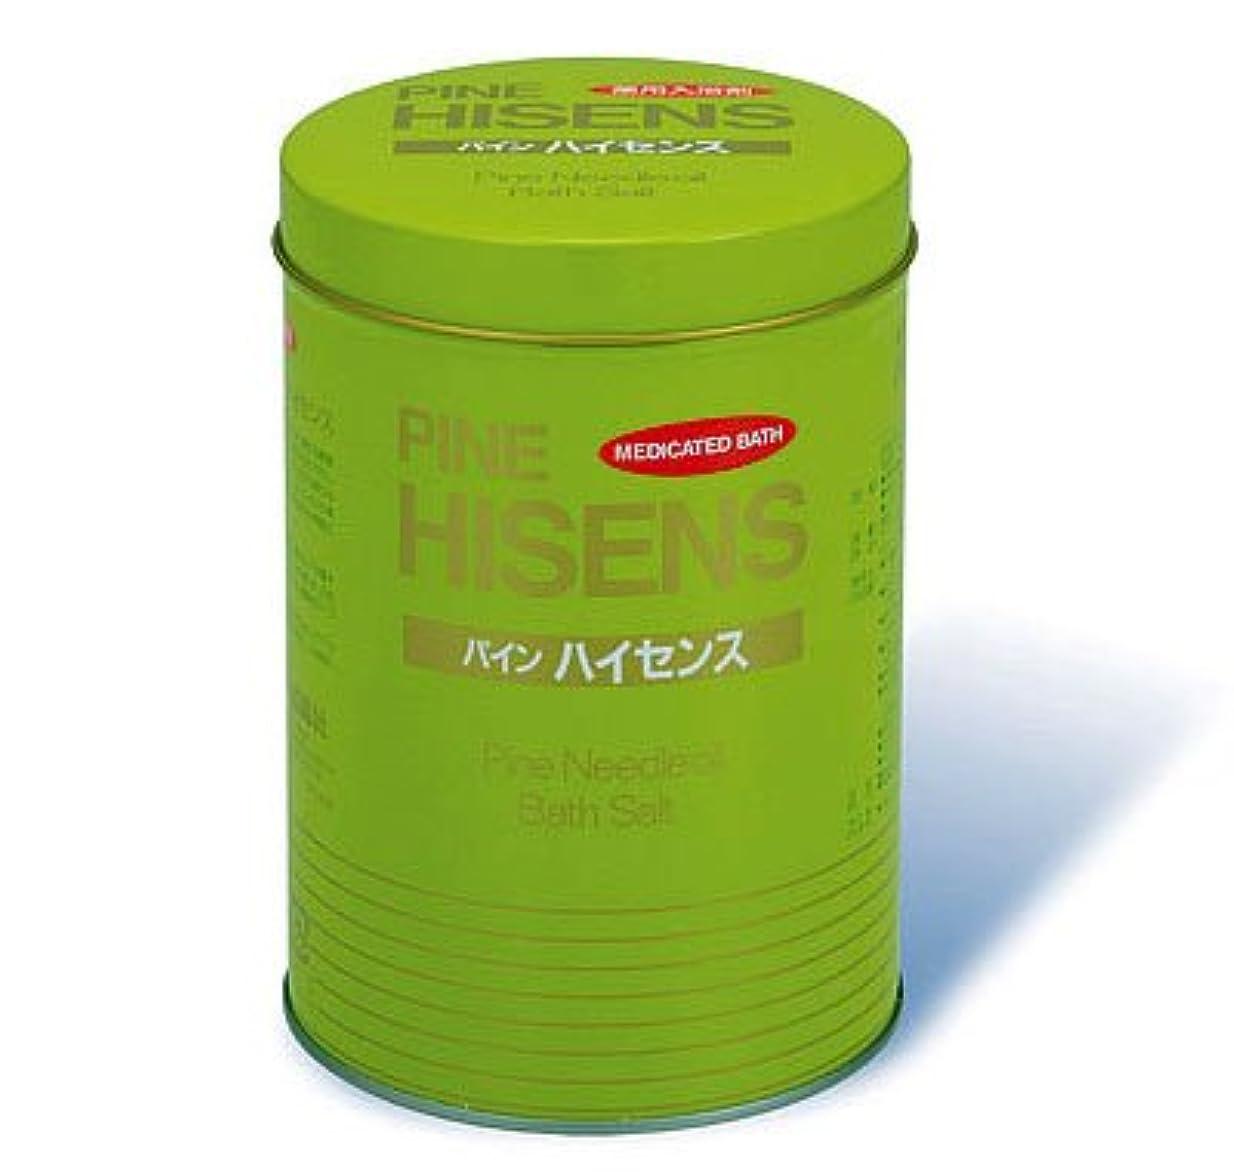 今晩基準きらきら高陽社 薬用入浴剤 パインハイセンス 2.1kg 1缶